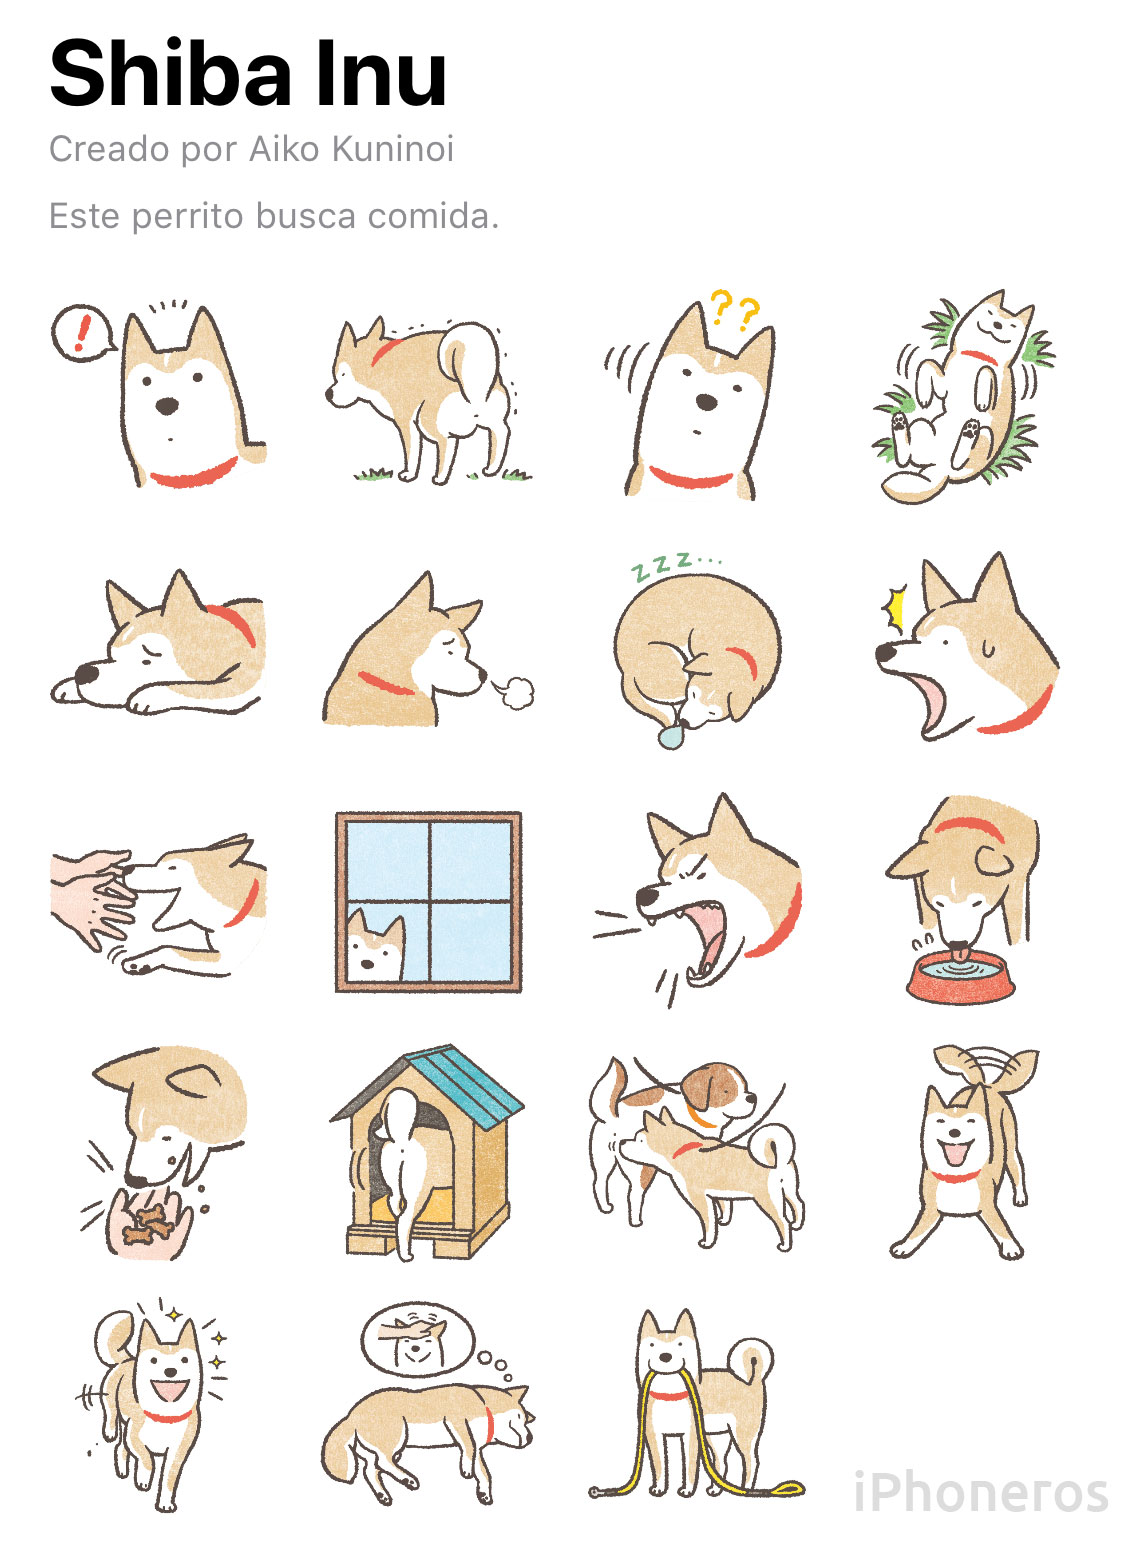 Sticker de Shiba Inu en WhatsApp